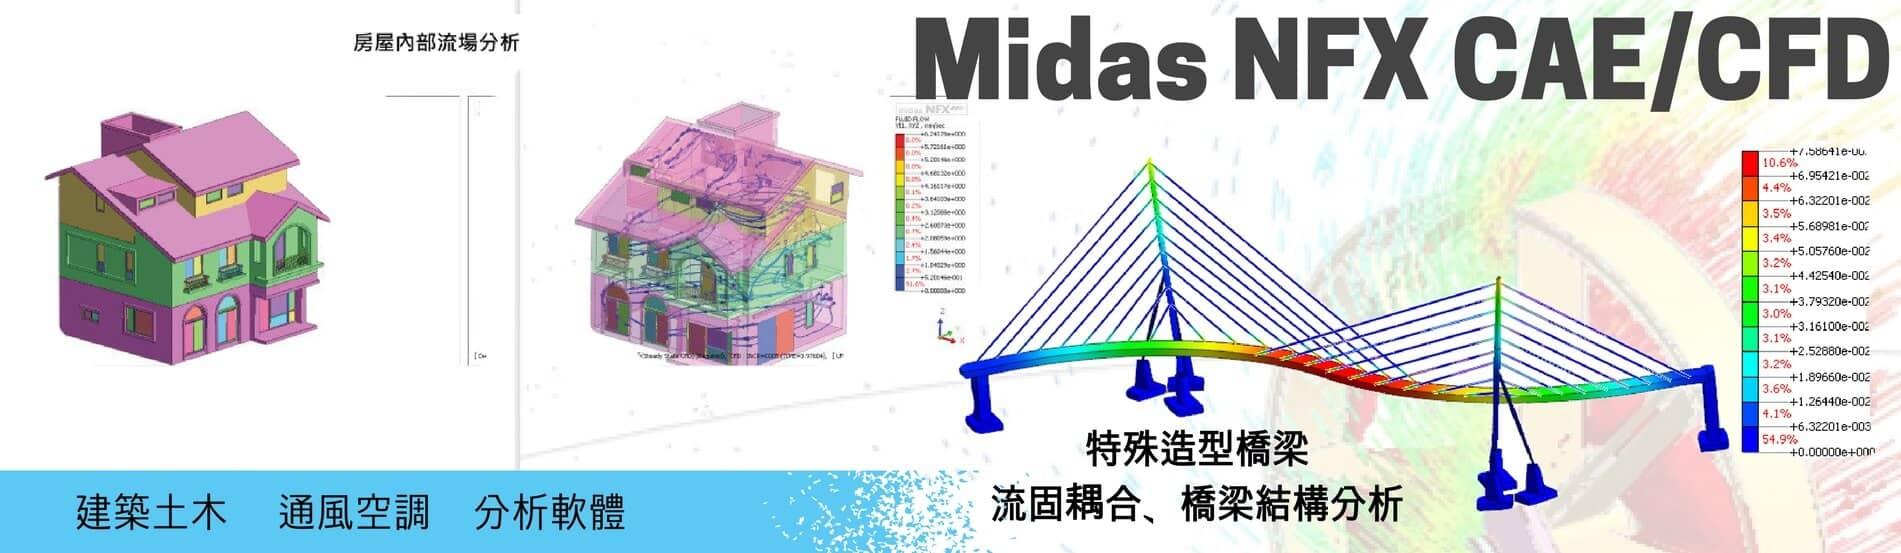 土木建築/通風空調